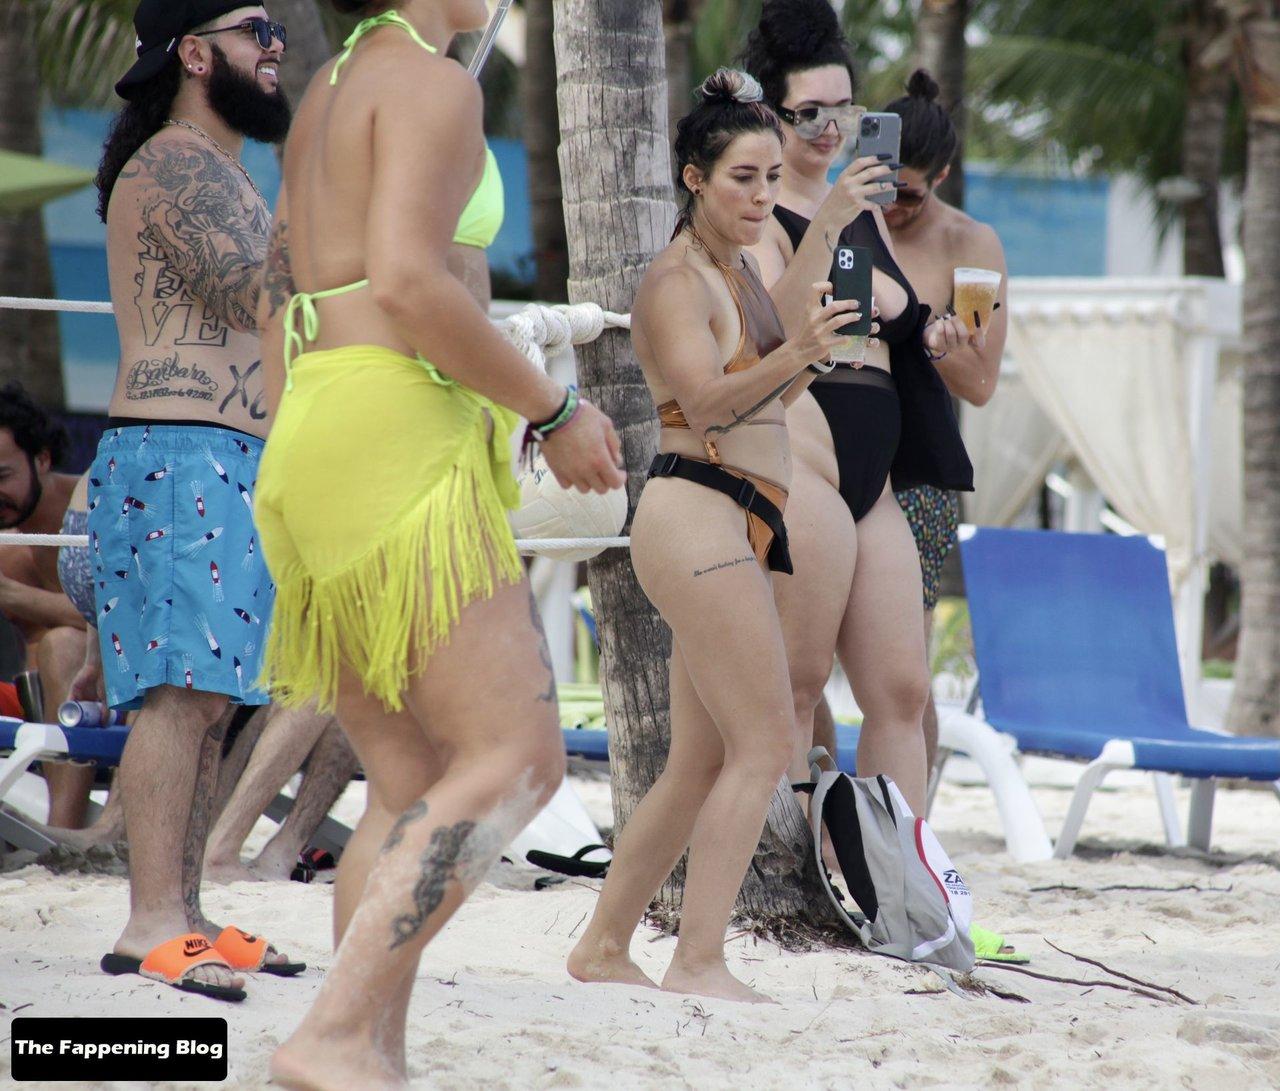 Cara Maria Sorbello on Beach 29